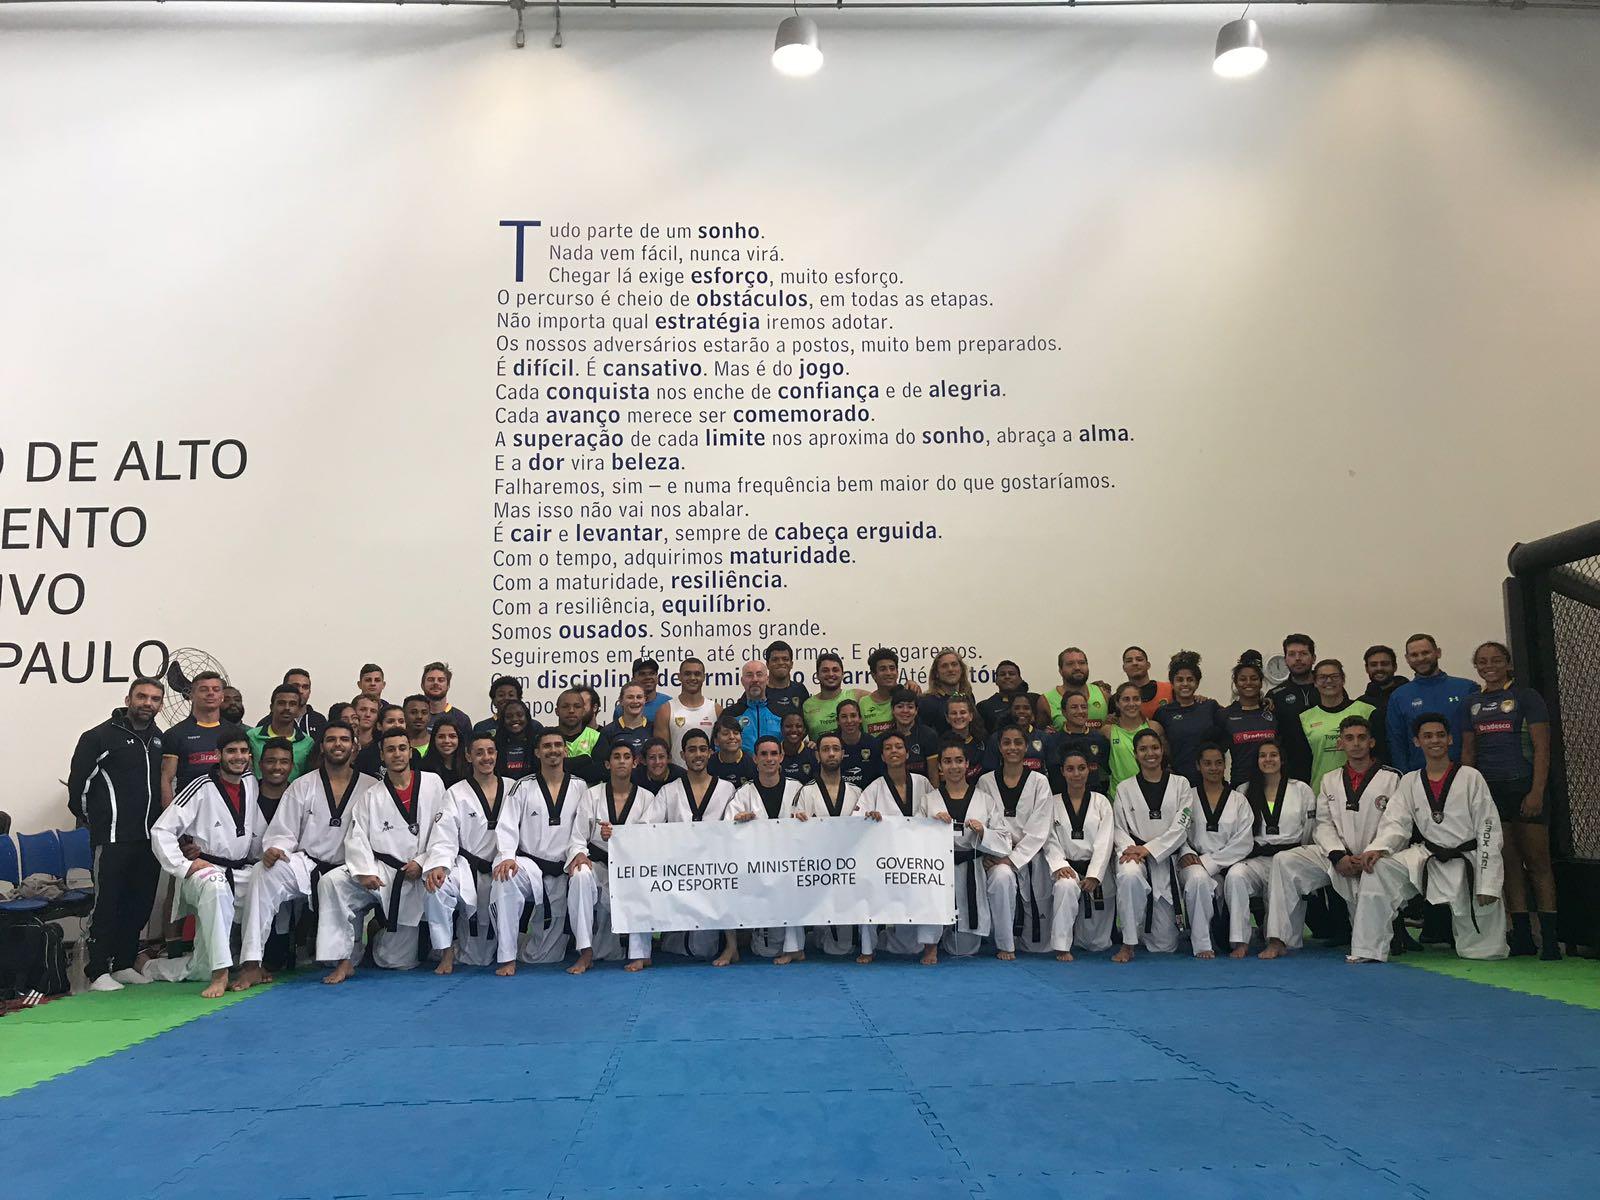 Projeto incentivado beneficia 65 atletas que treinam no NAR